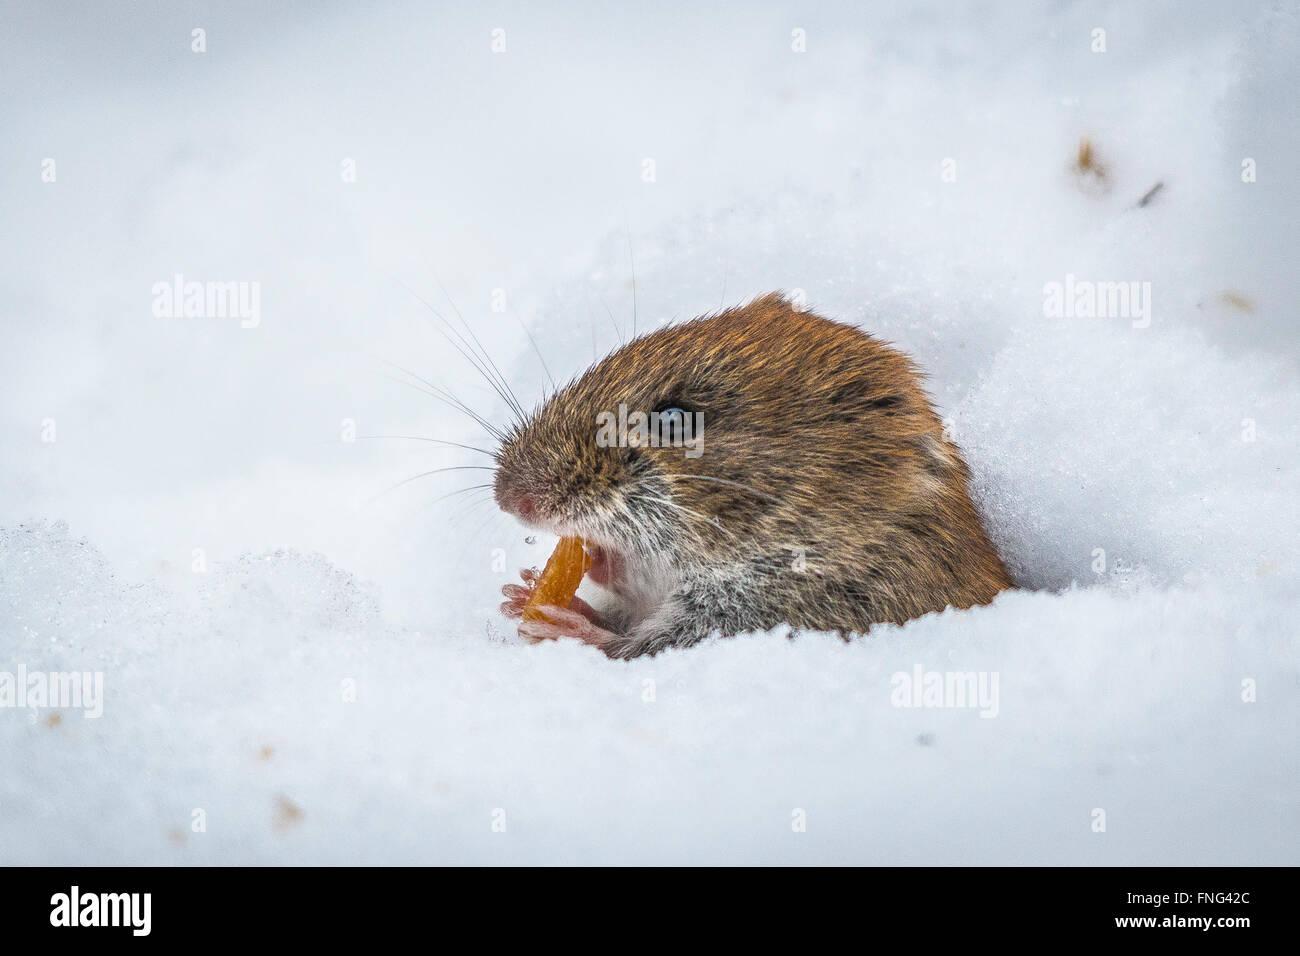 Bank vole (Myodes glareolus) - Stock Image